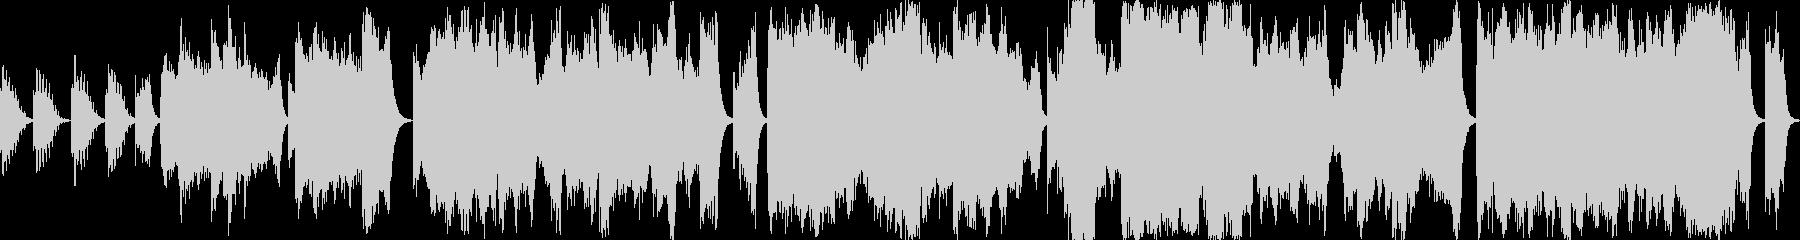 恐怖・緊張感を演出する音響的なBGMの未再生の波形